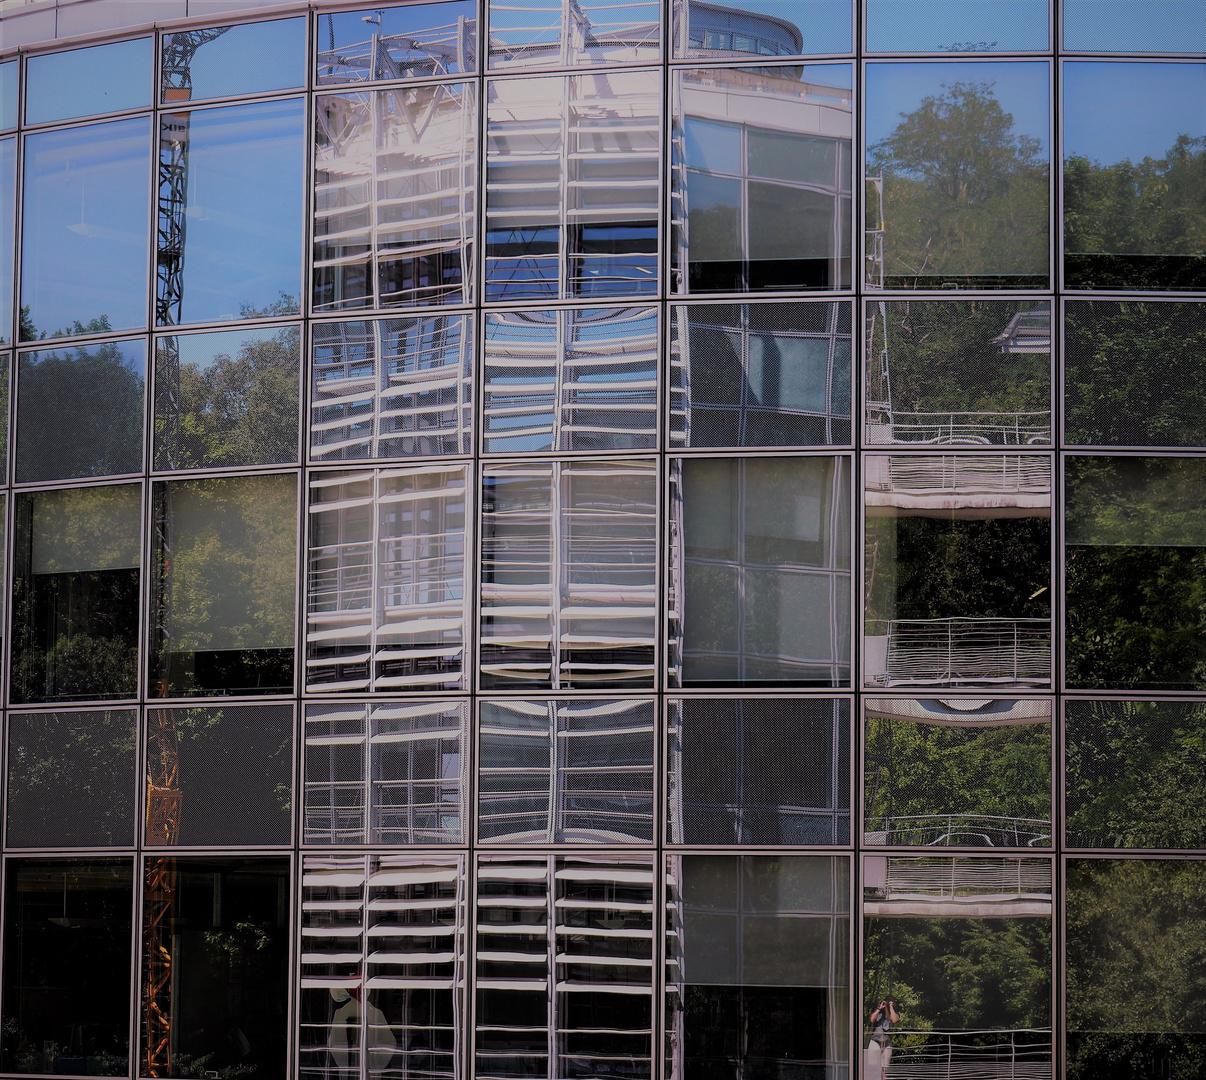 Turmspiegelei zu Saarbrücken